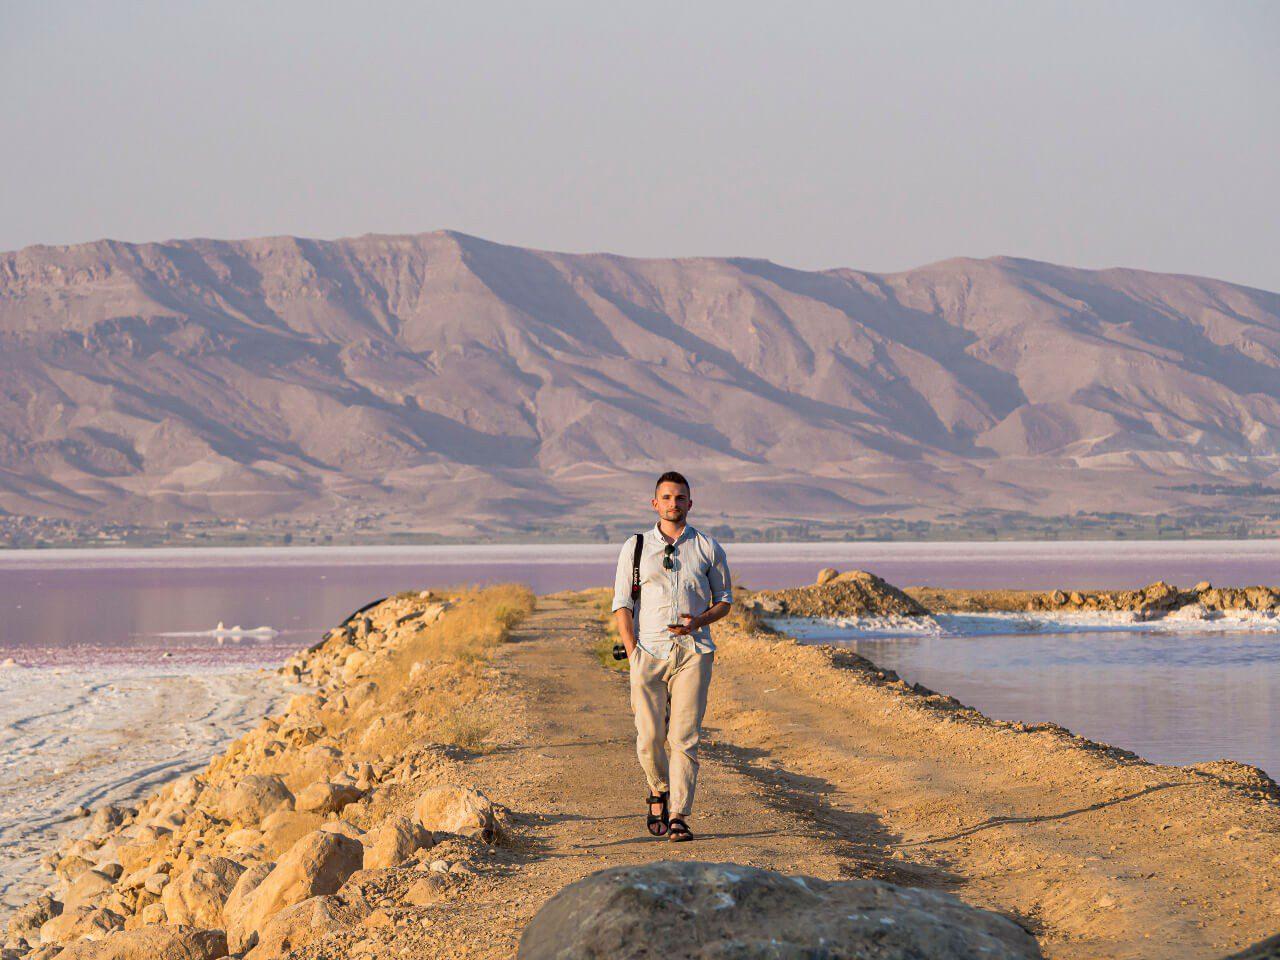 Bartek na ile jeziora Maharloo Lake w Iranie